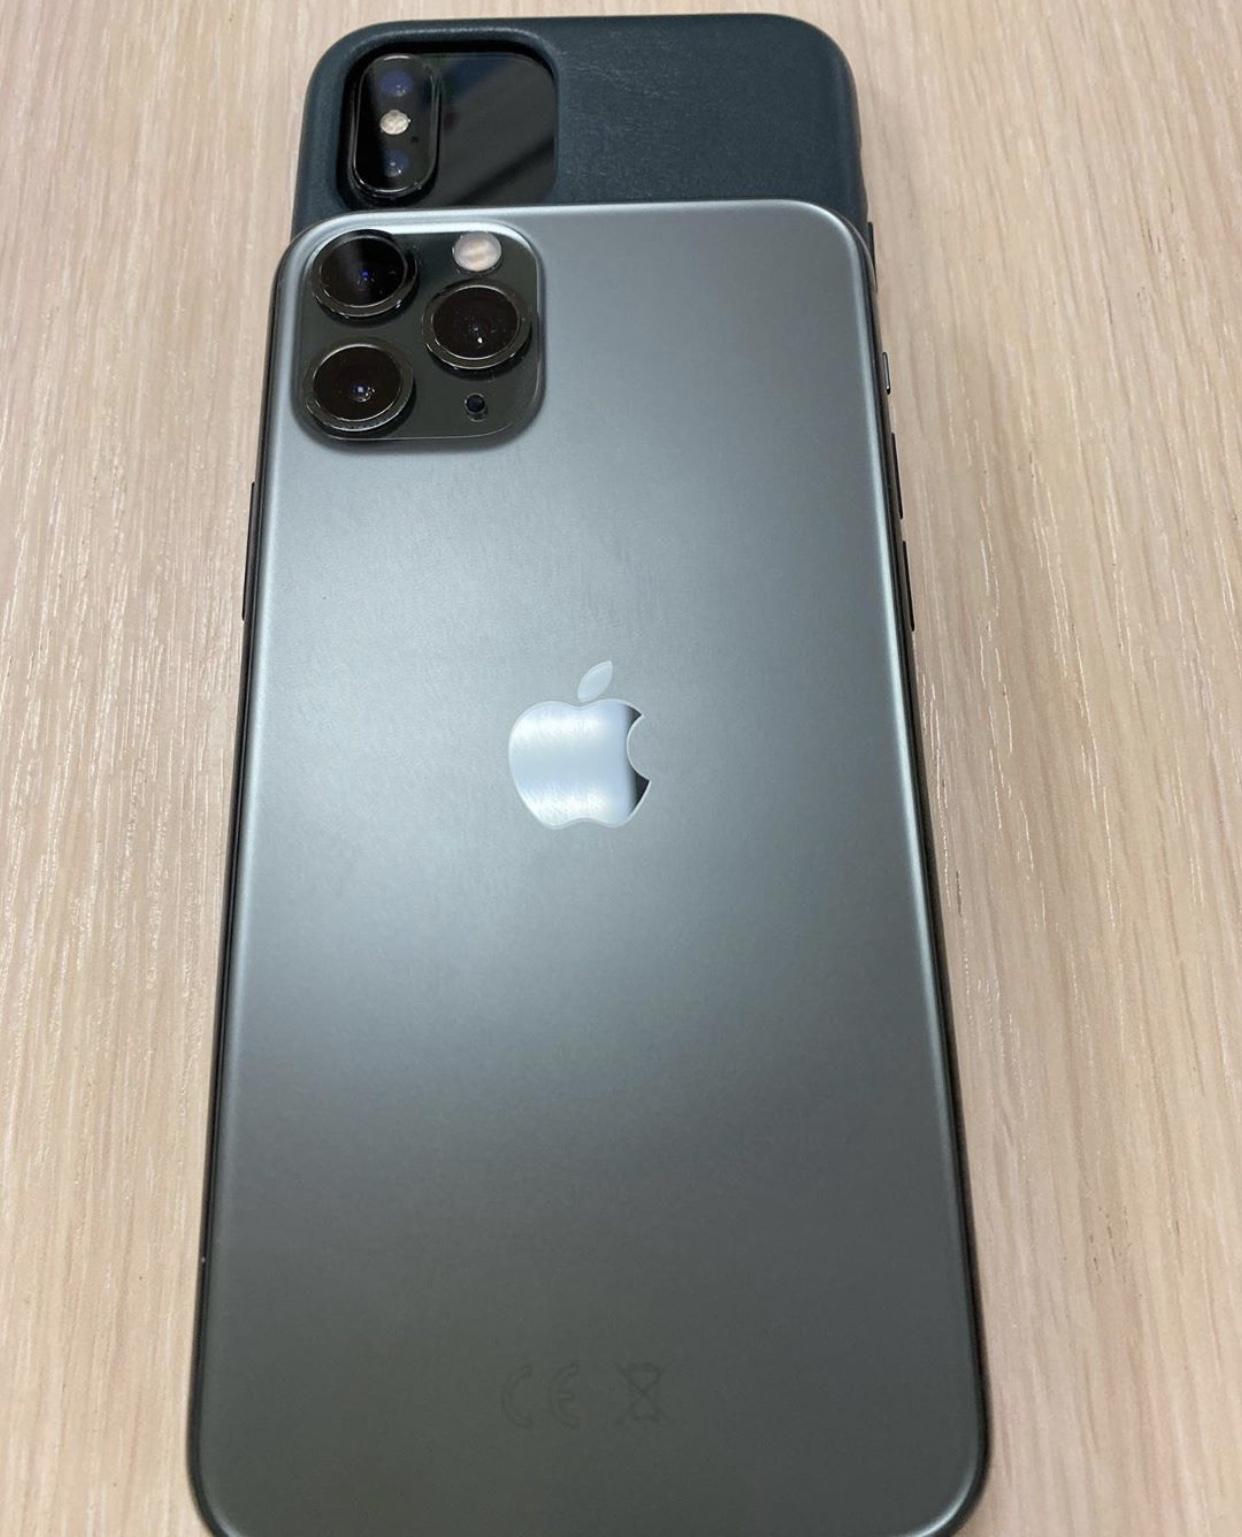 Чехол от iPhone 11 Pro надет на iPhone Xs